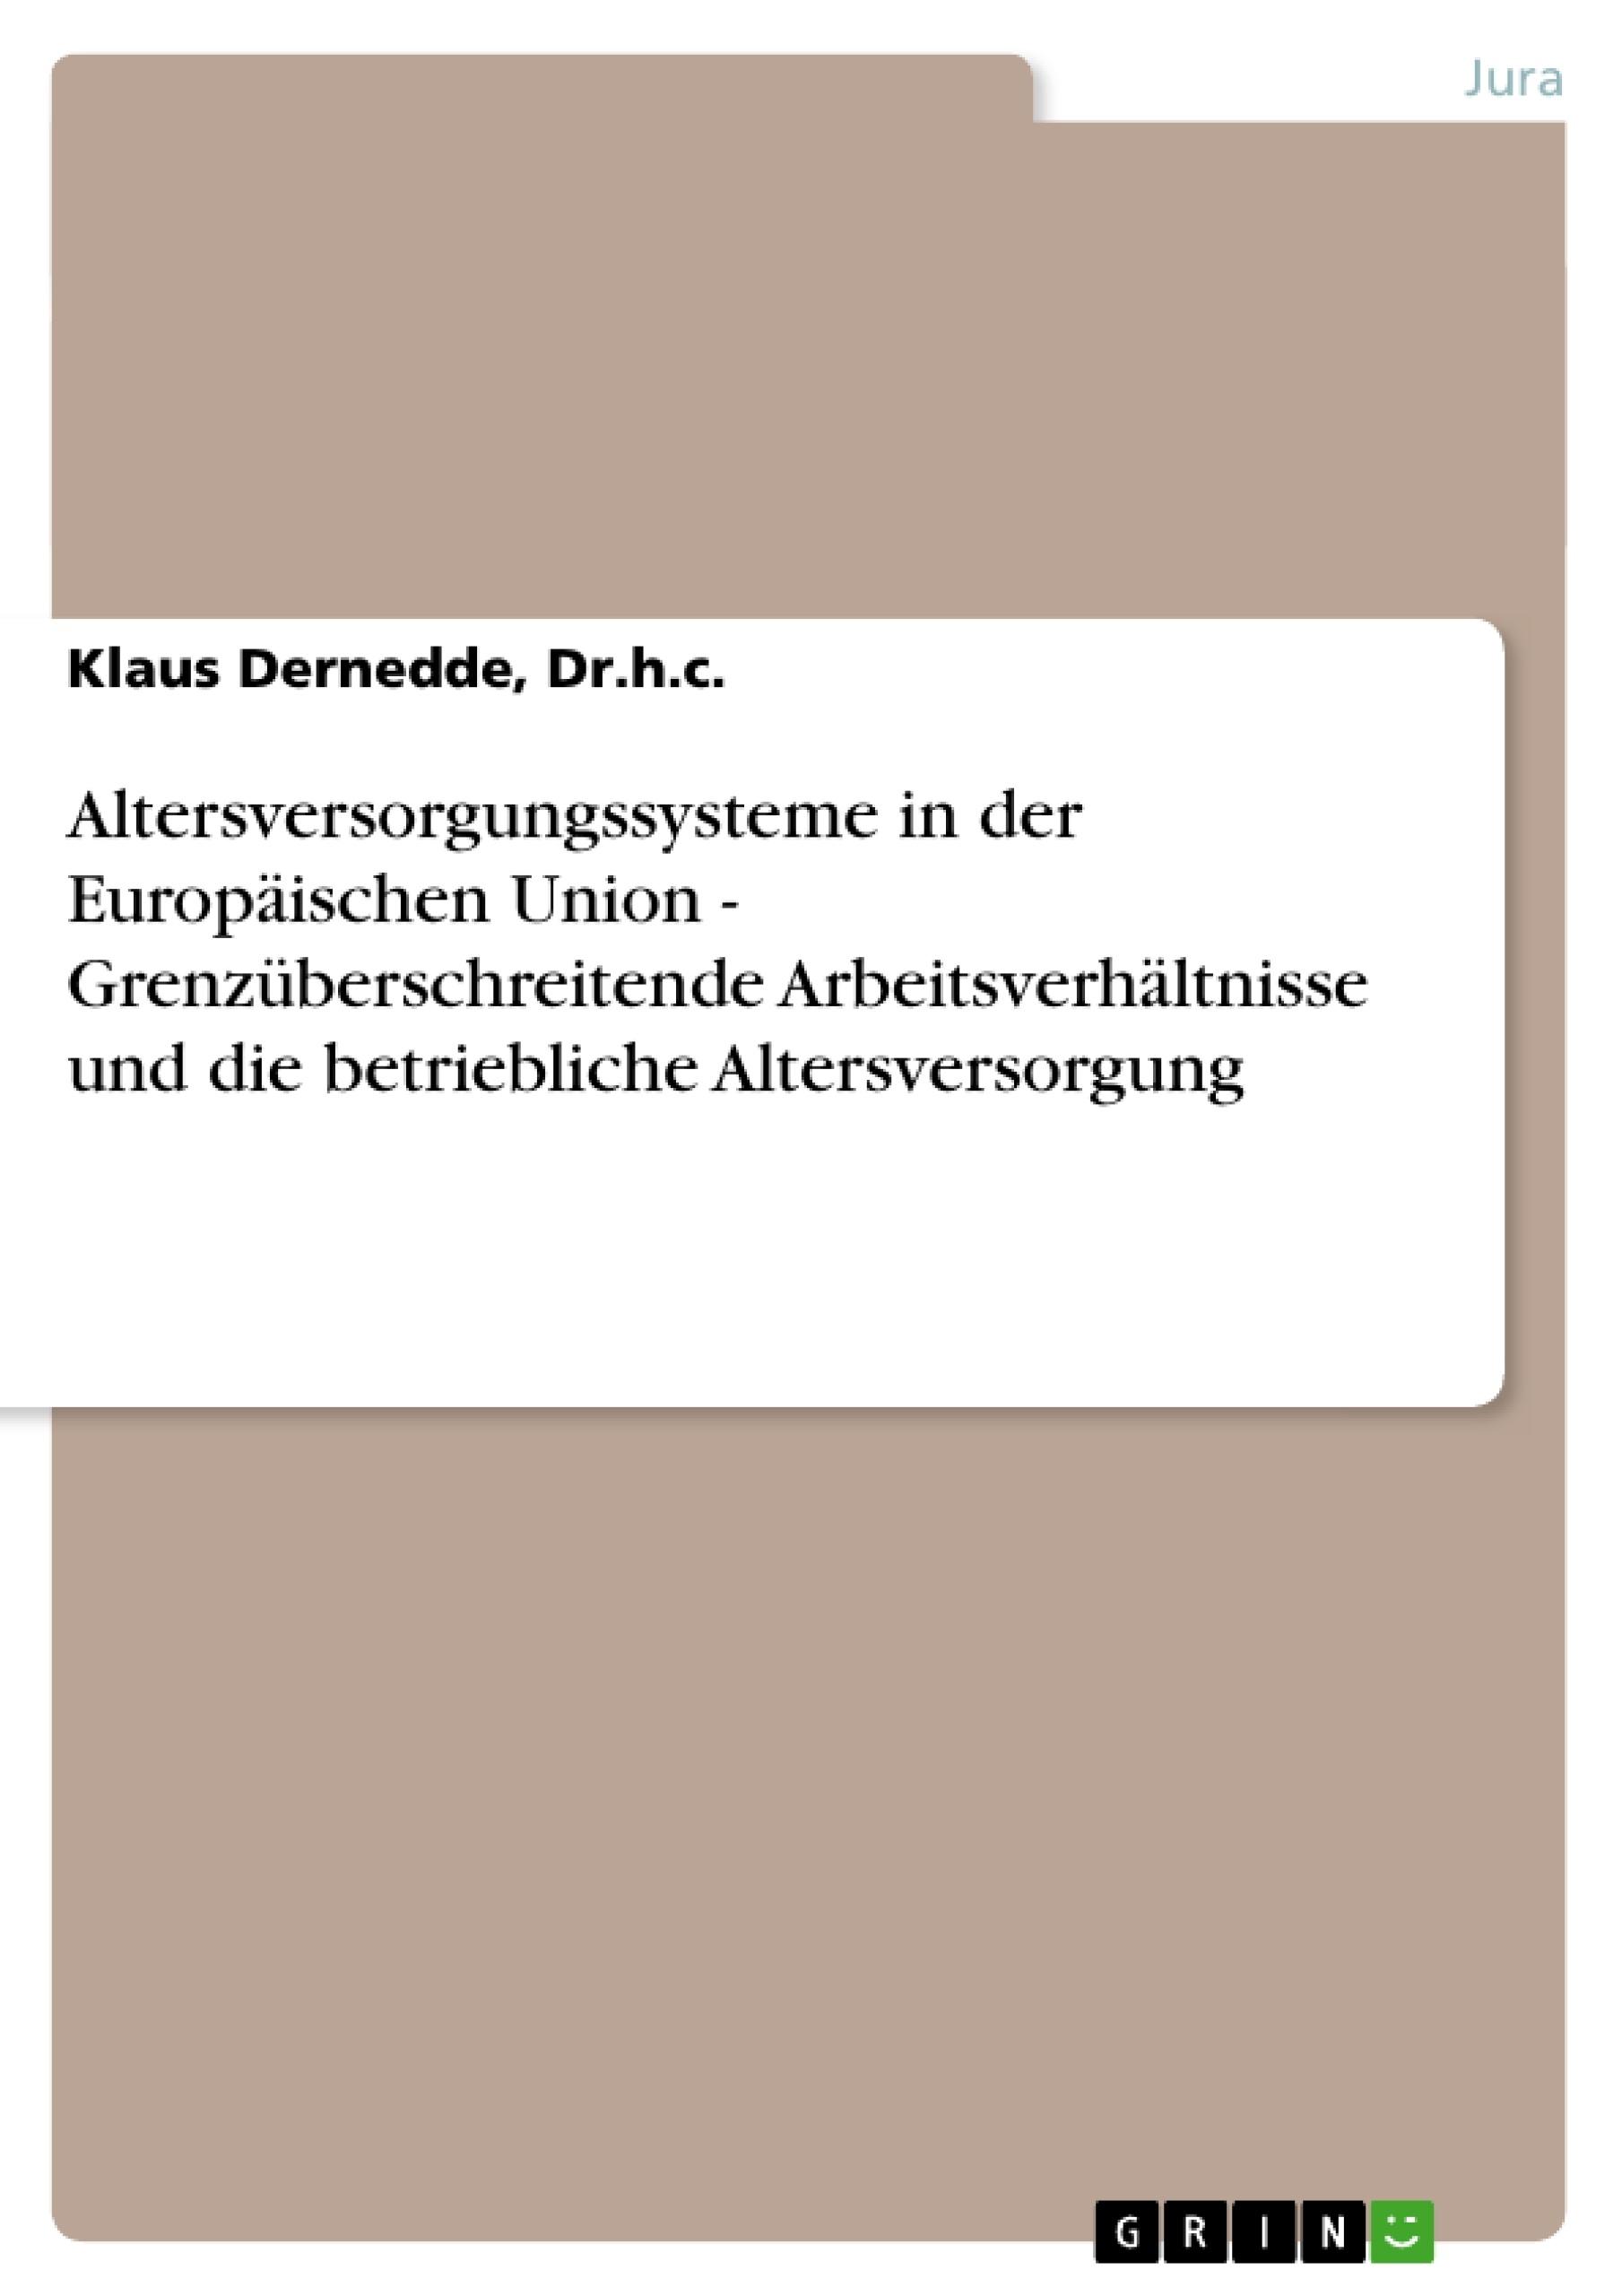 Titel: Altersversorgungssysteme in der Europäischen Union - Grenzüberschreitende Arbeitsverhältnisse und die betriebliche Altersversorgung